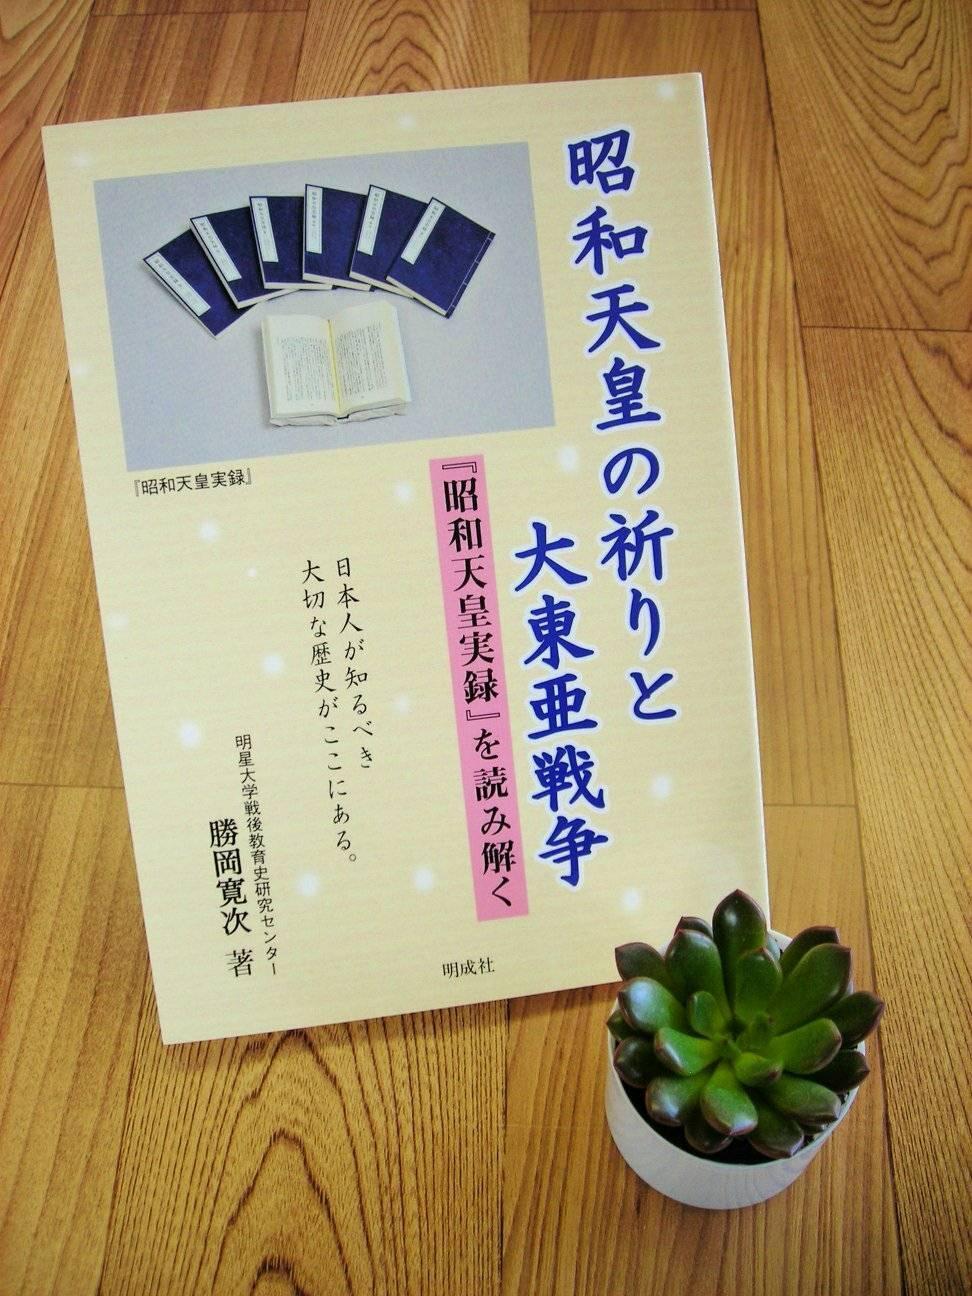 昭和天皇の祈りと大東亜戦争-『昭和天皇実録』を読み解く